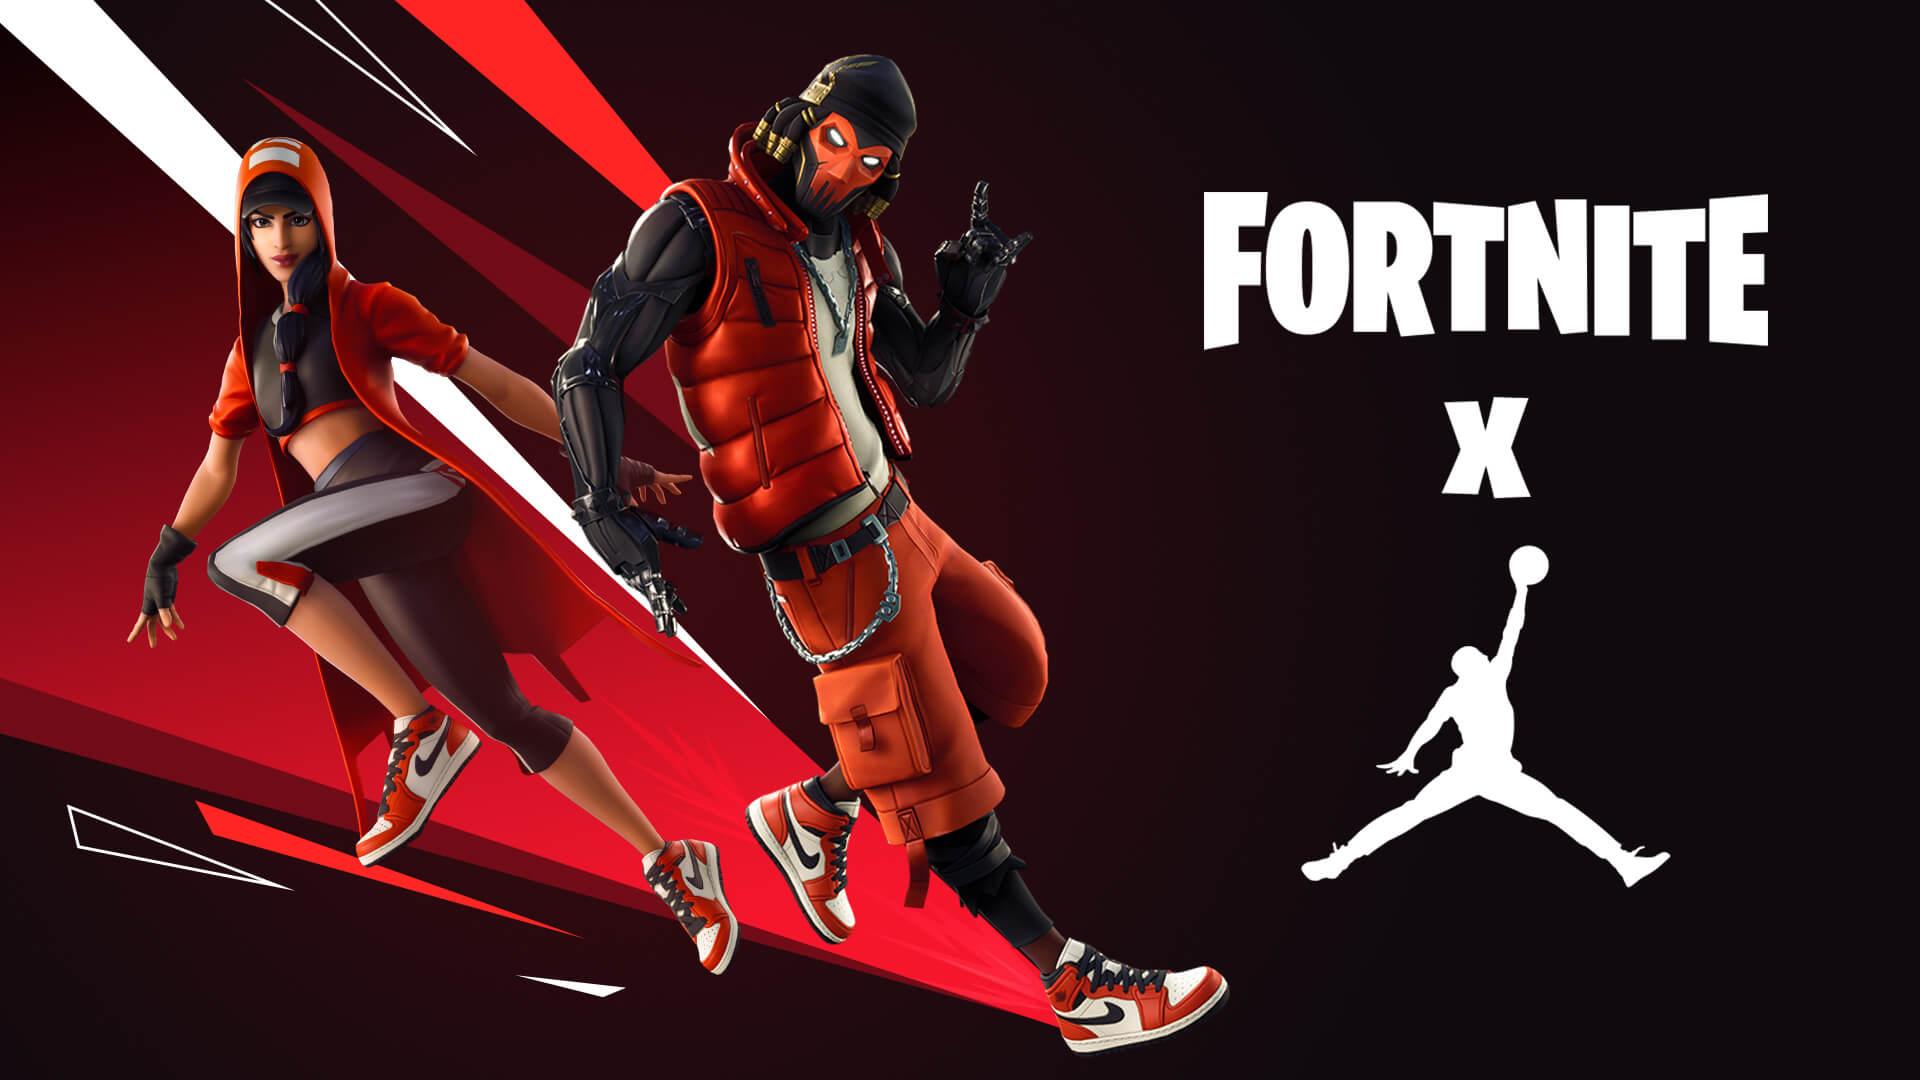 Fortnite Jordan